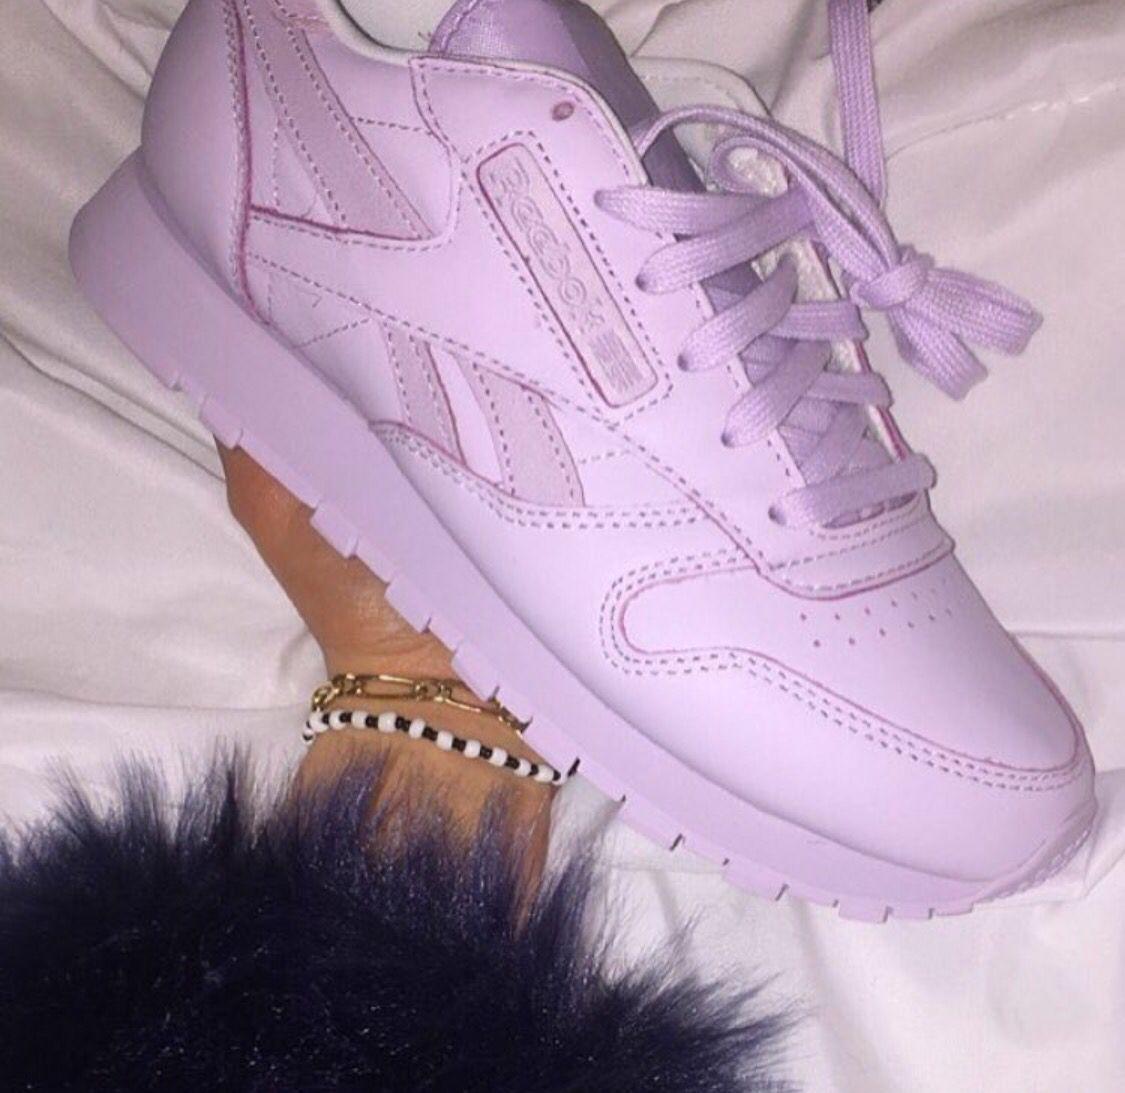 3a6ce7a93298 Lavender Rebook Shoes